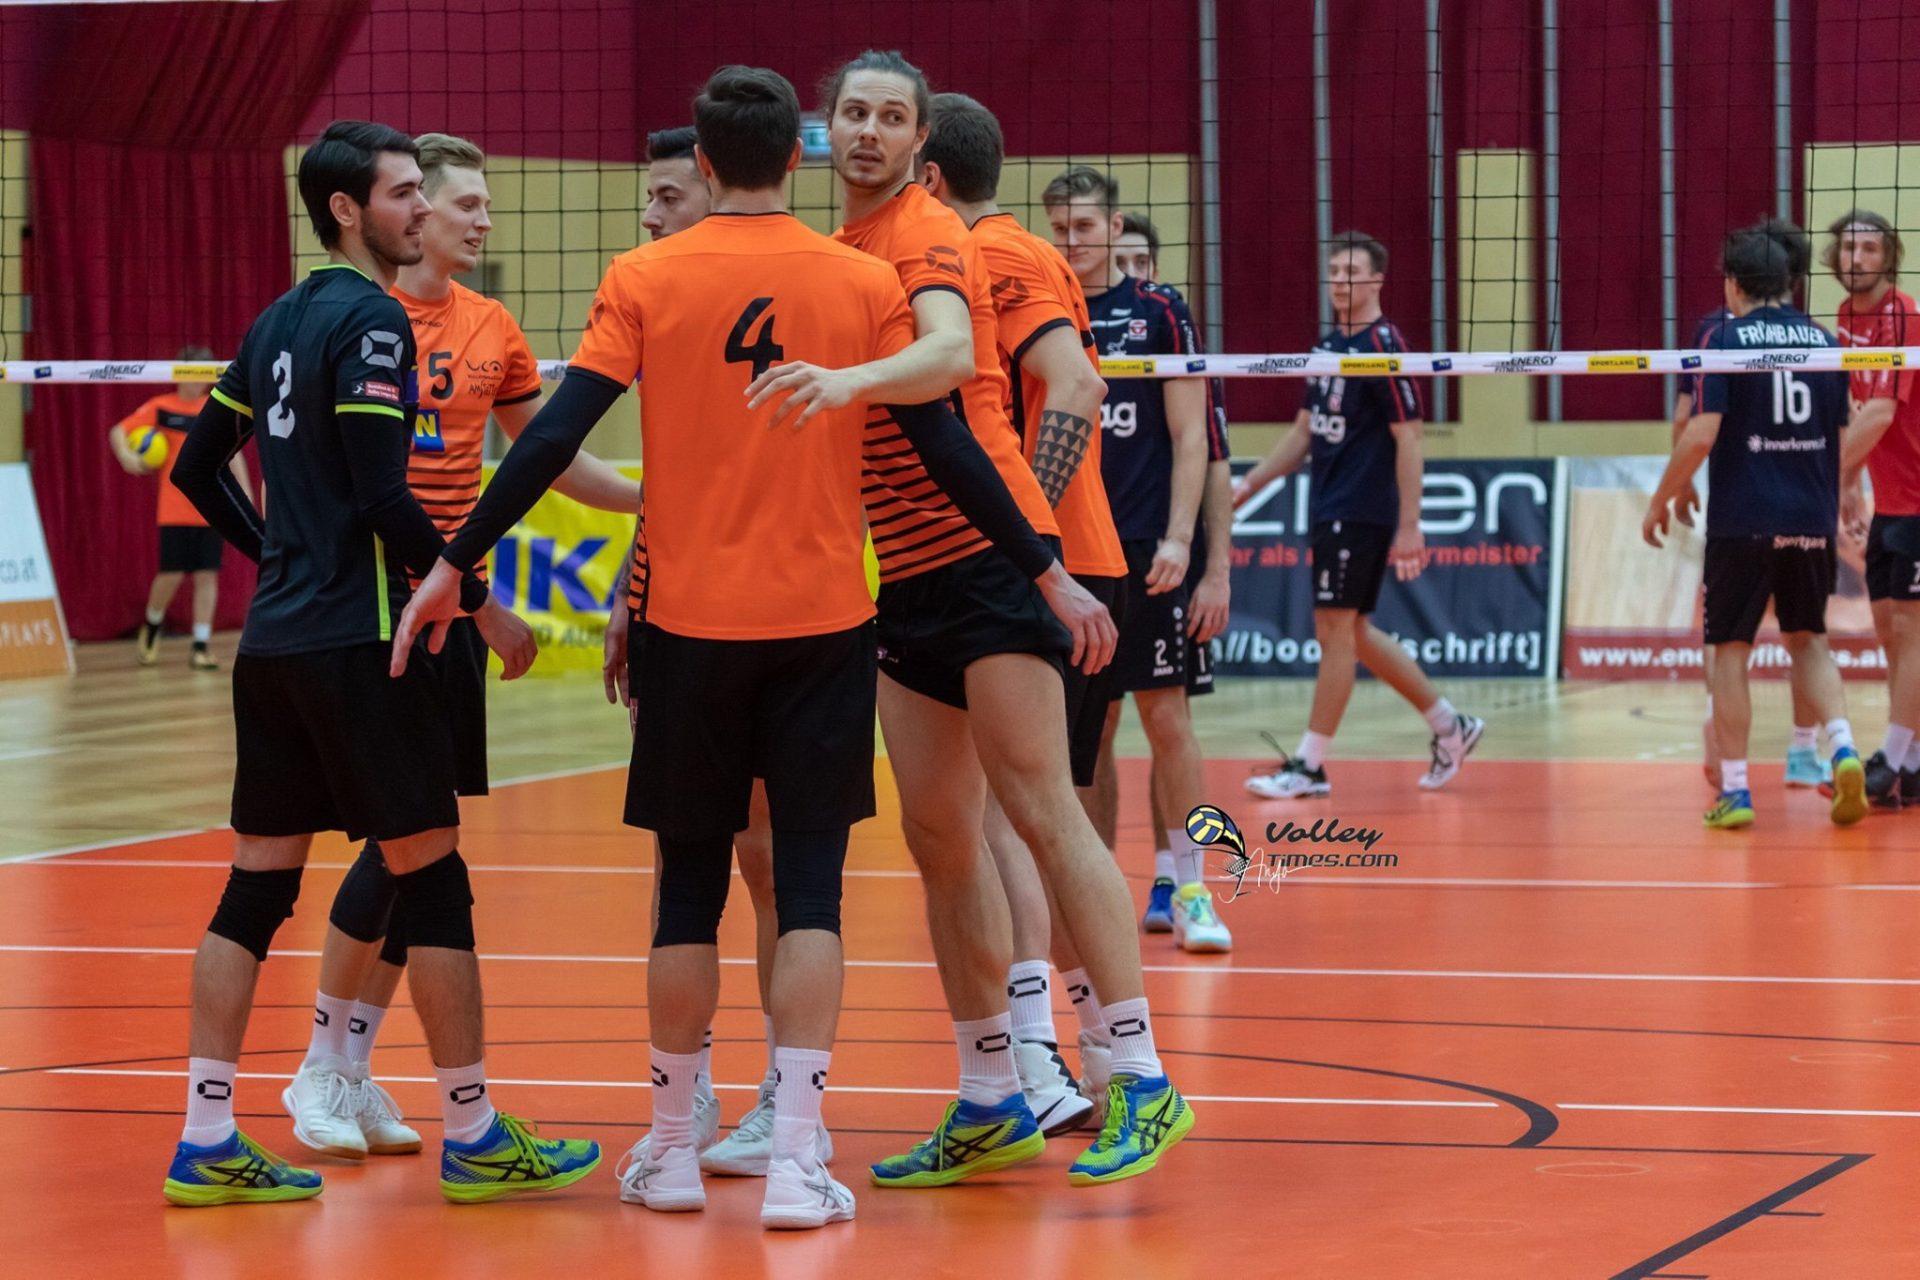 Austria: Playoffs start in Graz and Klagenfurt! Program of Quarterfinals